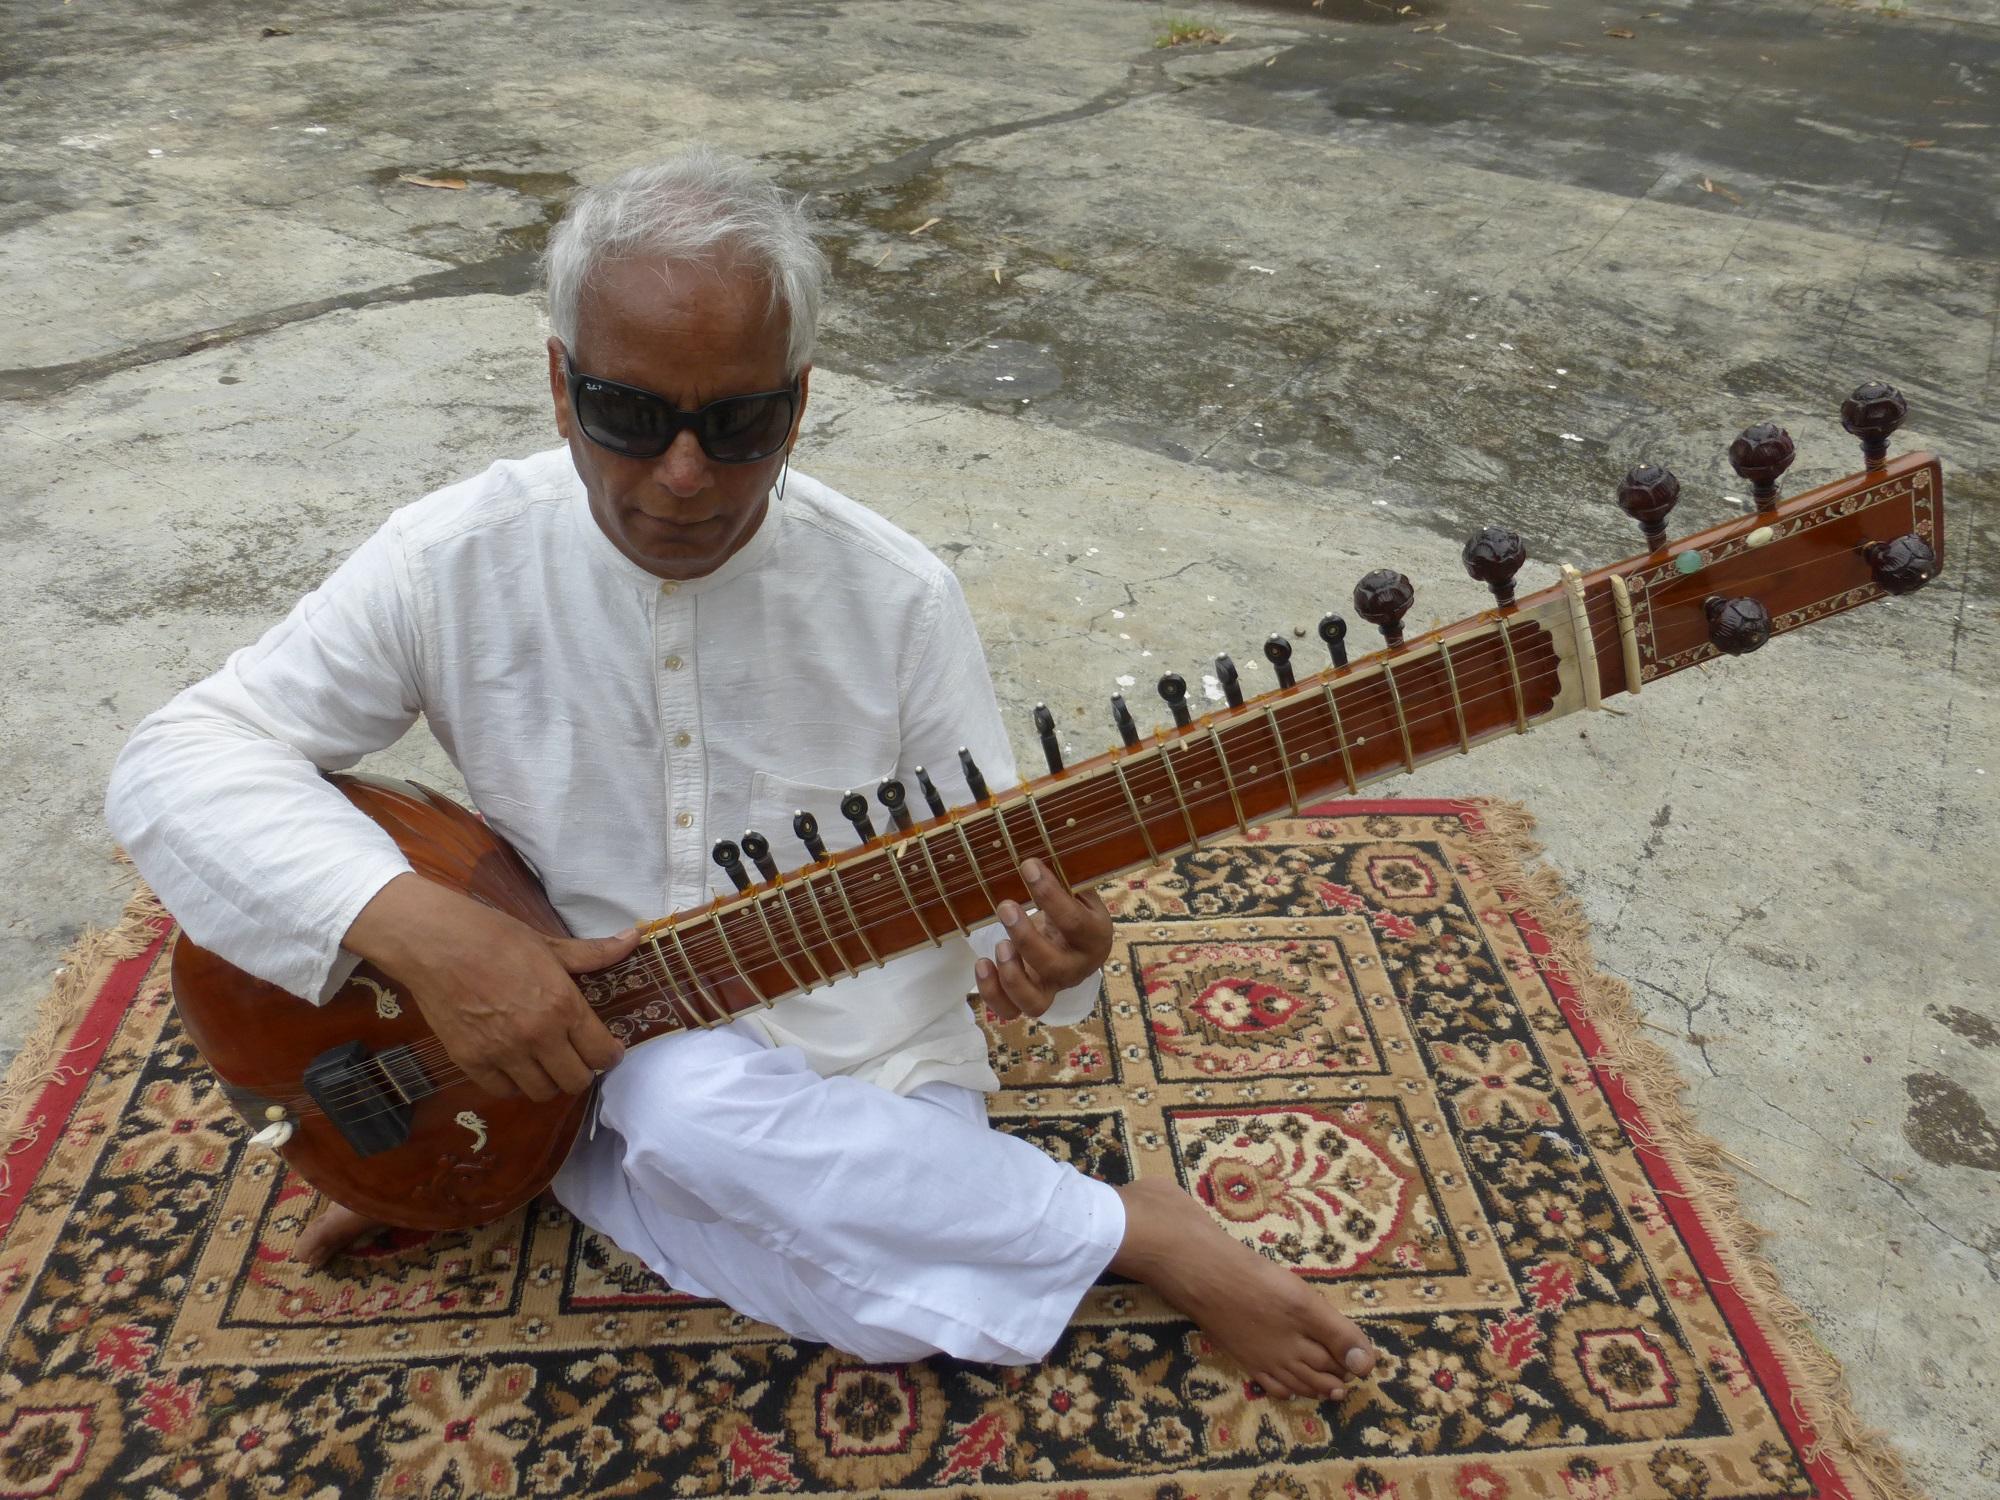 Baluji is sat on a mat holding a sitar.